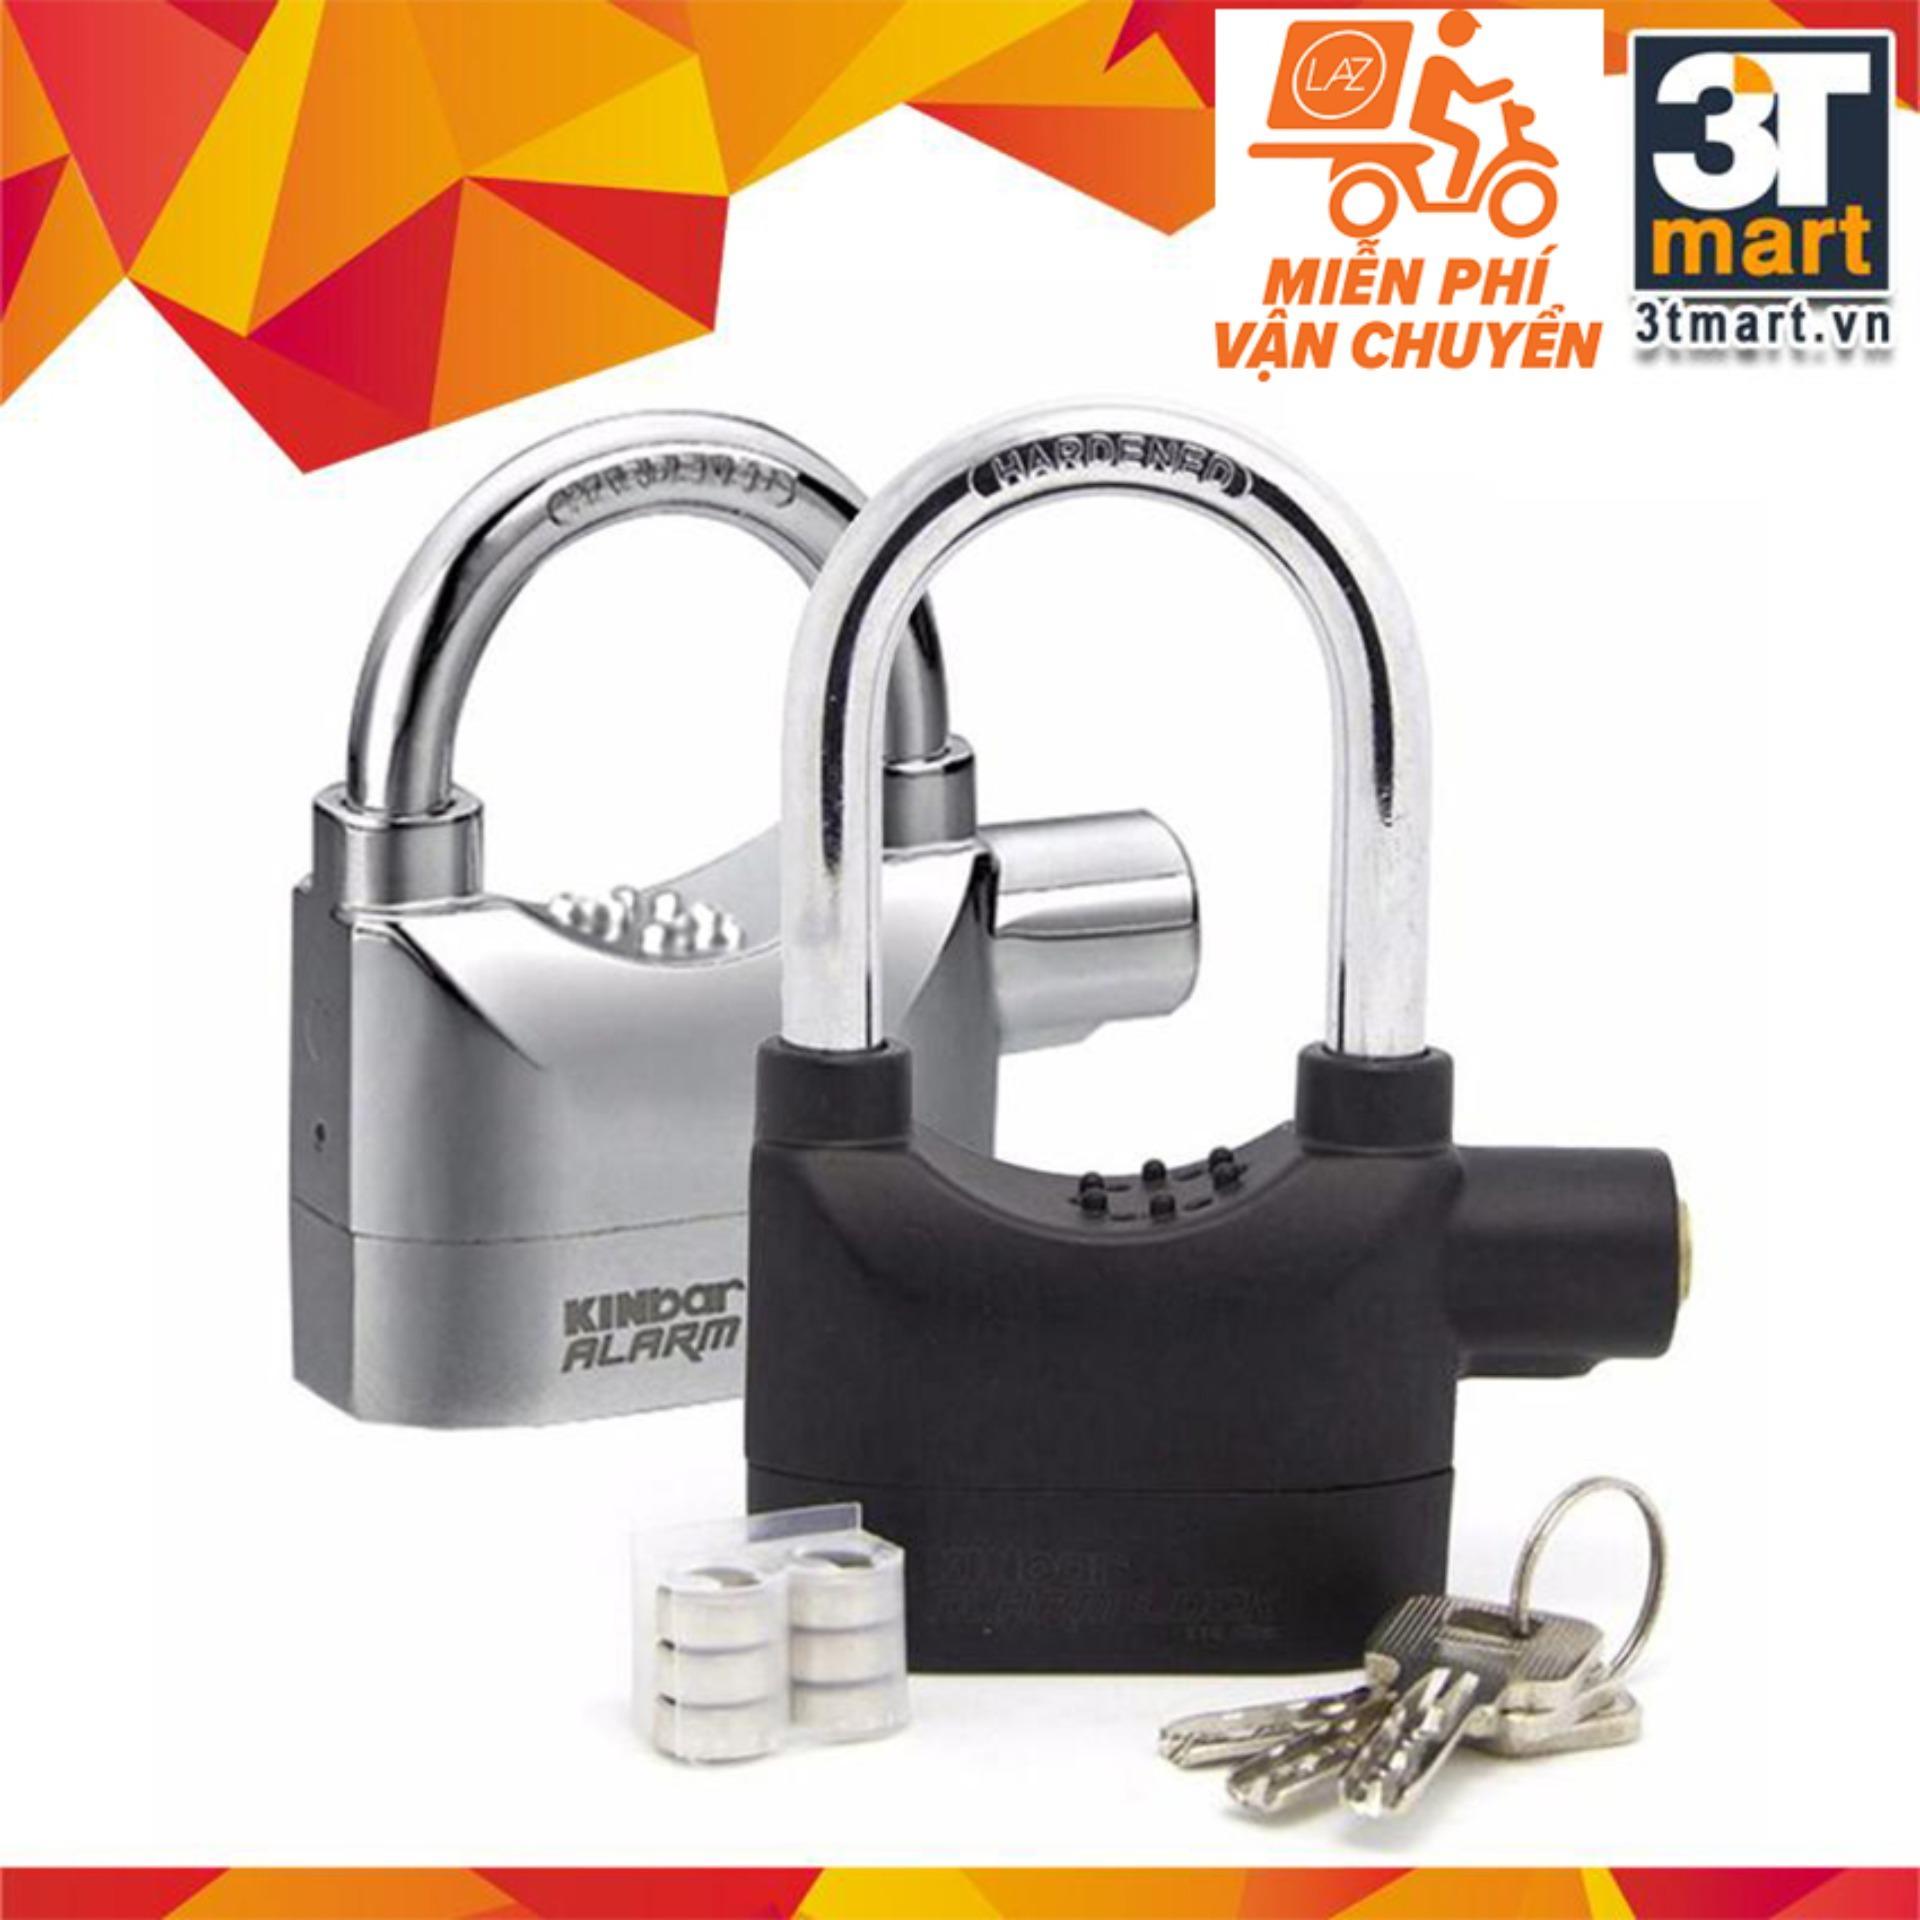 Hình ảnh Bộ 2 khóa chống trộm thông minh Kinbar 109206 (Đen bạc)